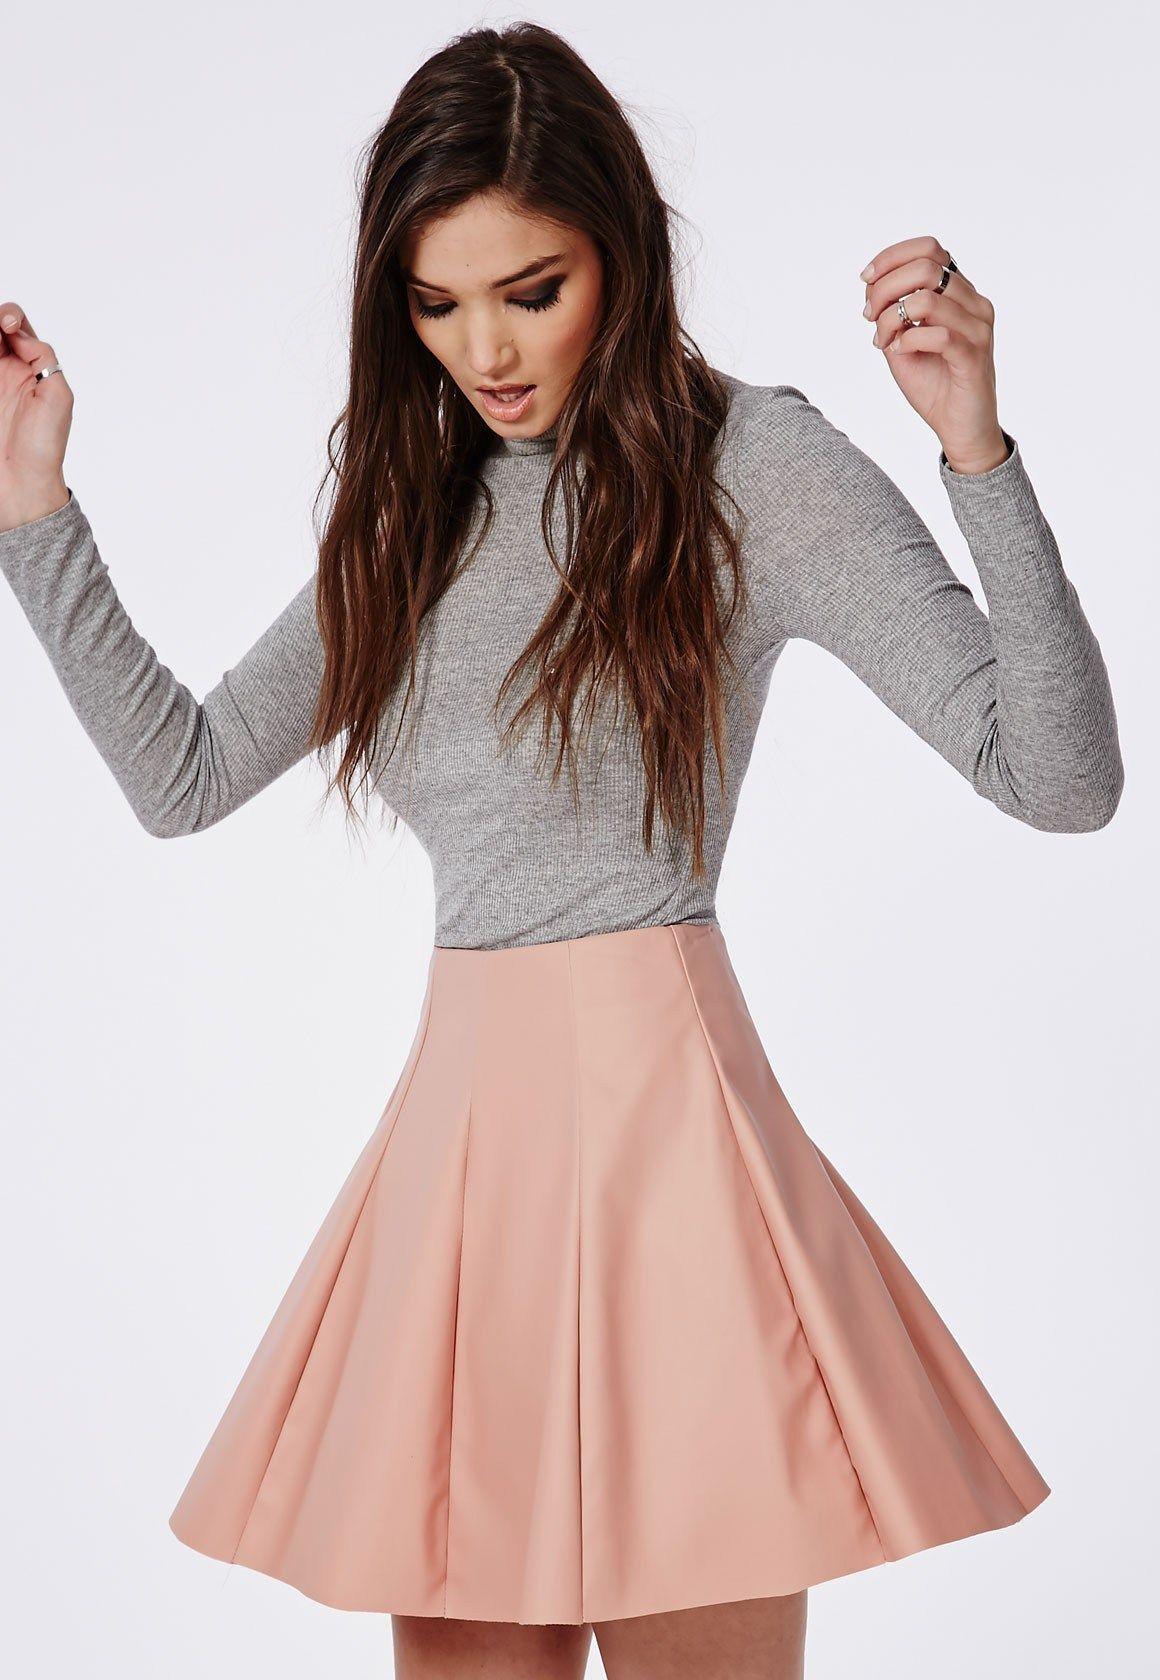 Boho tunic top blouses and dress 4009 trendy boho vintage gypsy - Angelic Skater Skirt Elegant Skater Skirt